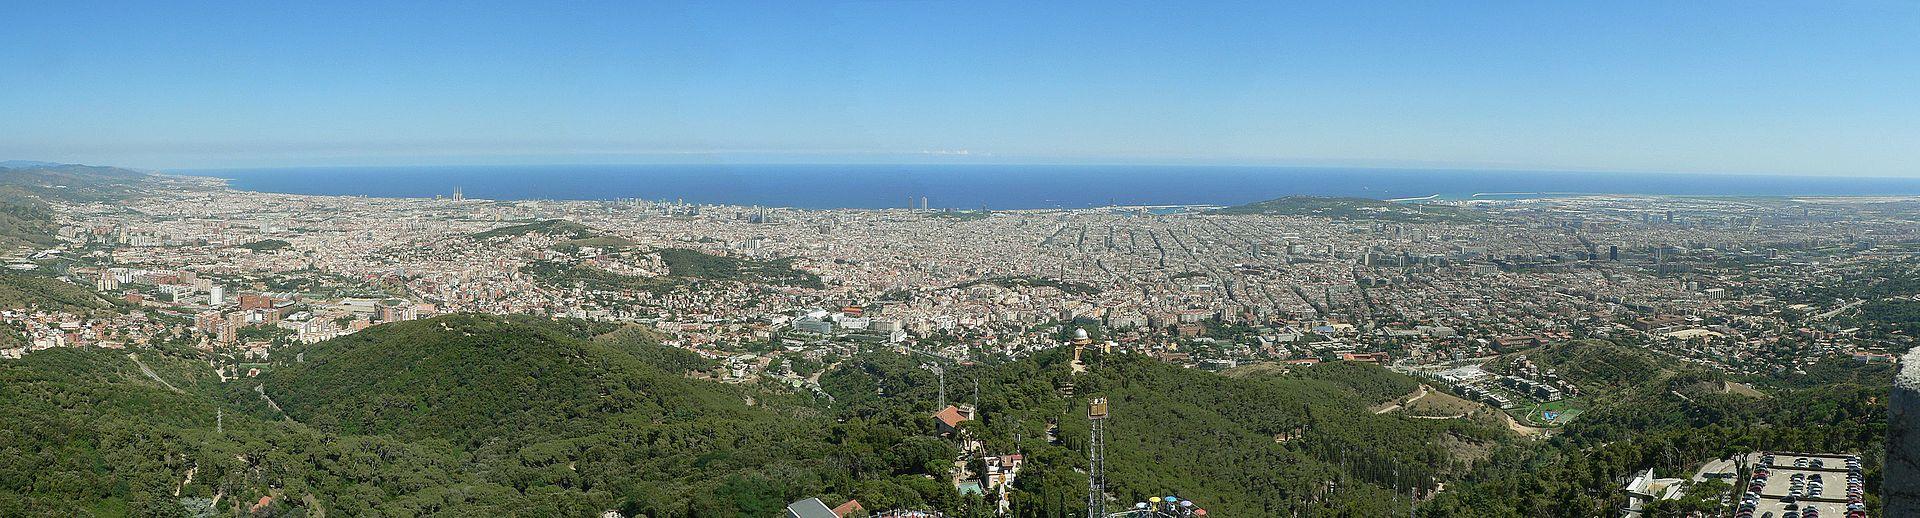 Progresivne prakse upravljanja javnim dobrima i stvaranje novih institucija – Posjet Barcelonskoj metropolitanskoj regiji